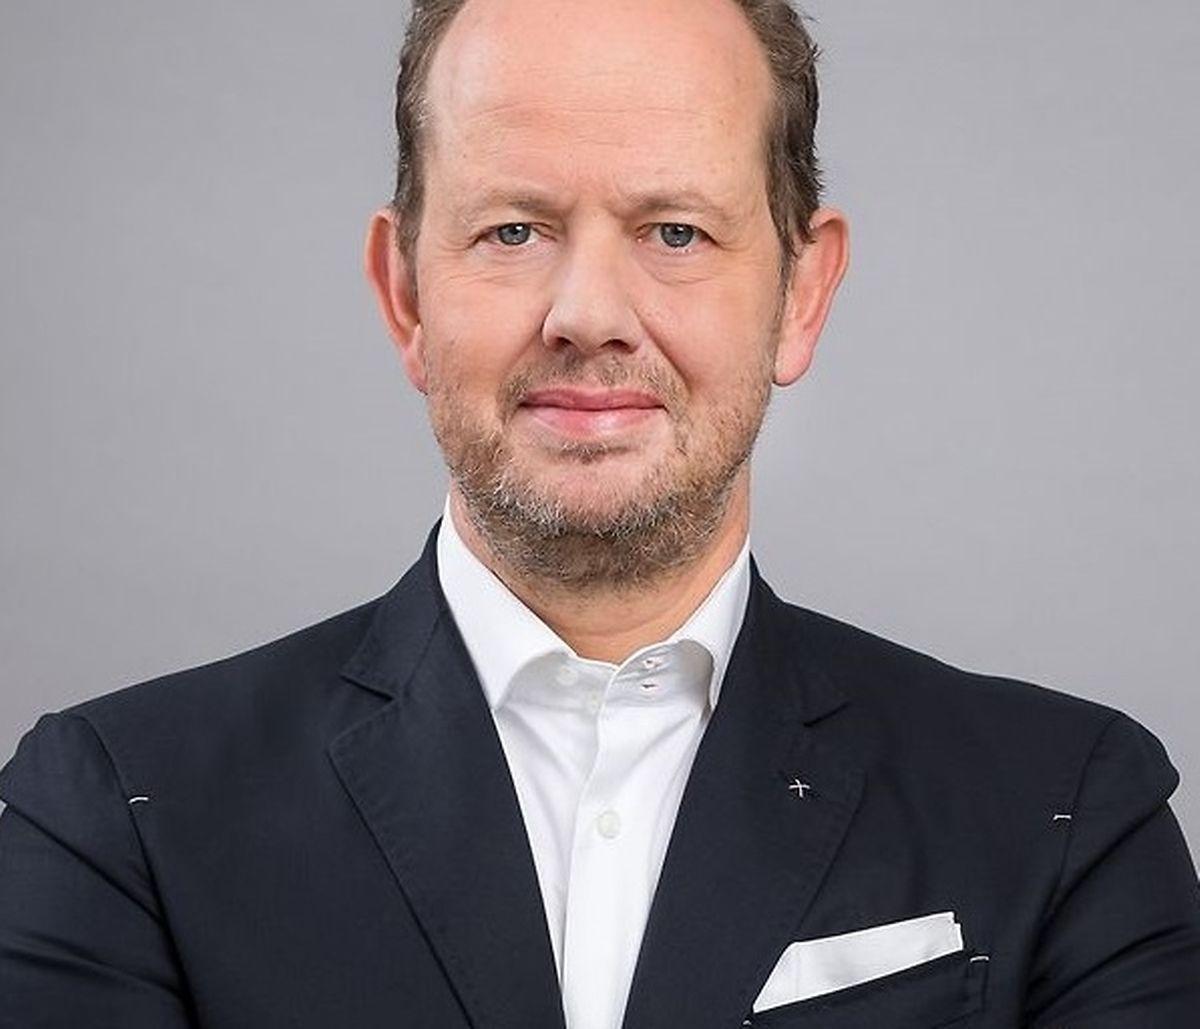 Pour Jean-Louis Schiltz, vice-président de la Fedil, l'industrie doit s'impliquer dans les questions de cybersécurité.